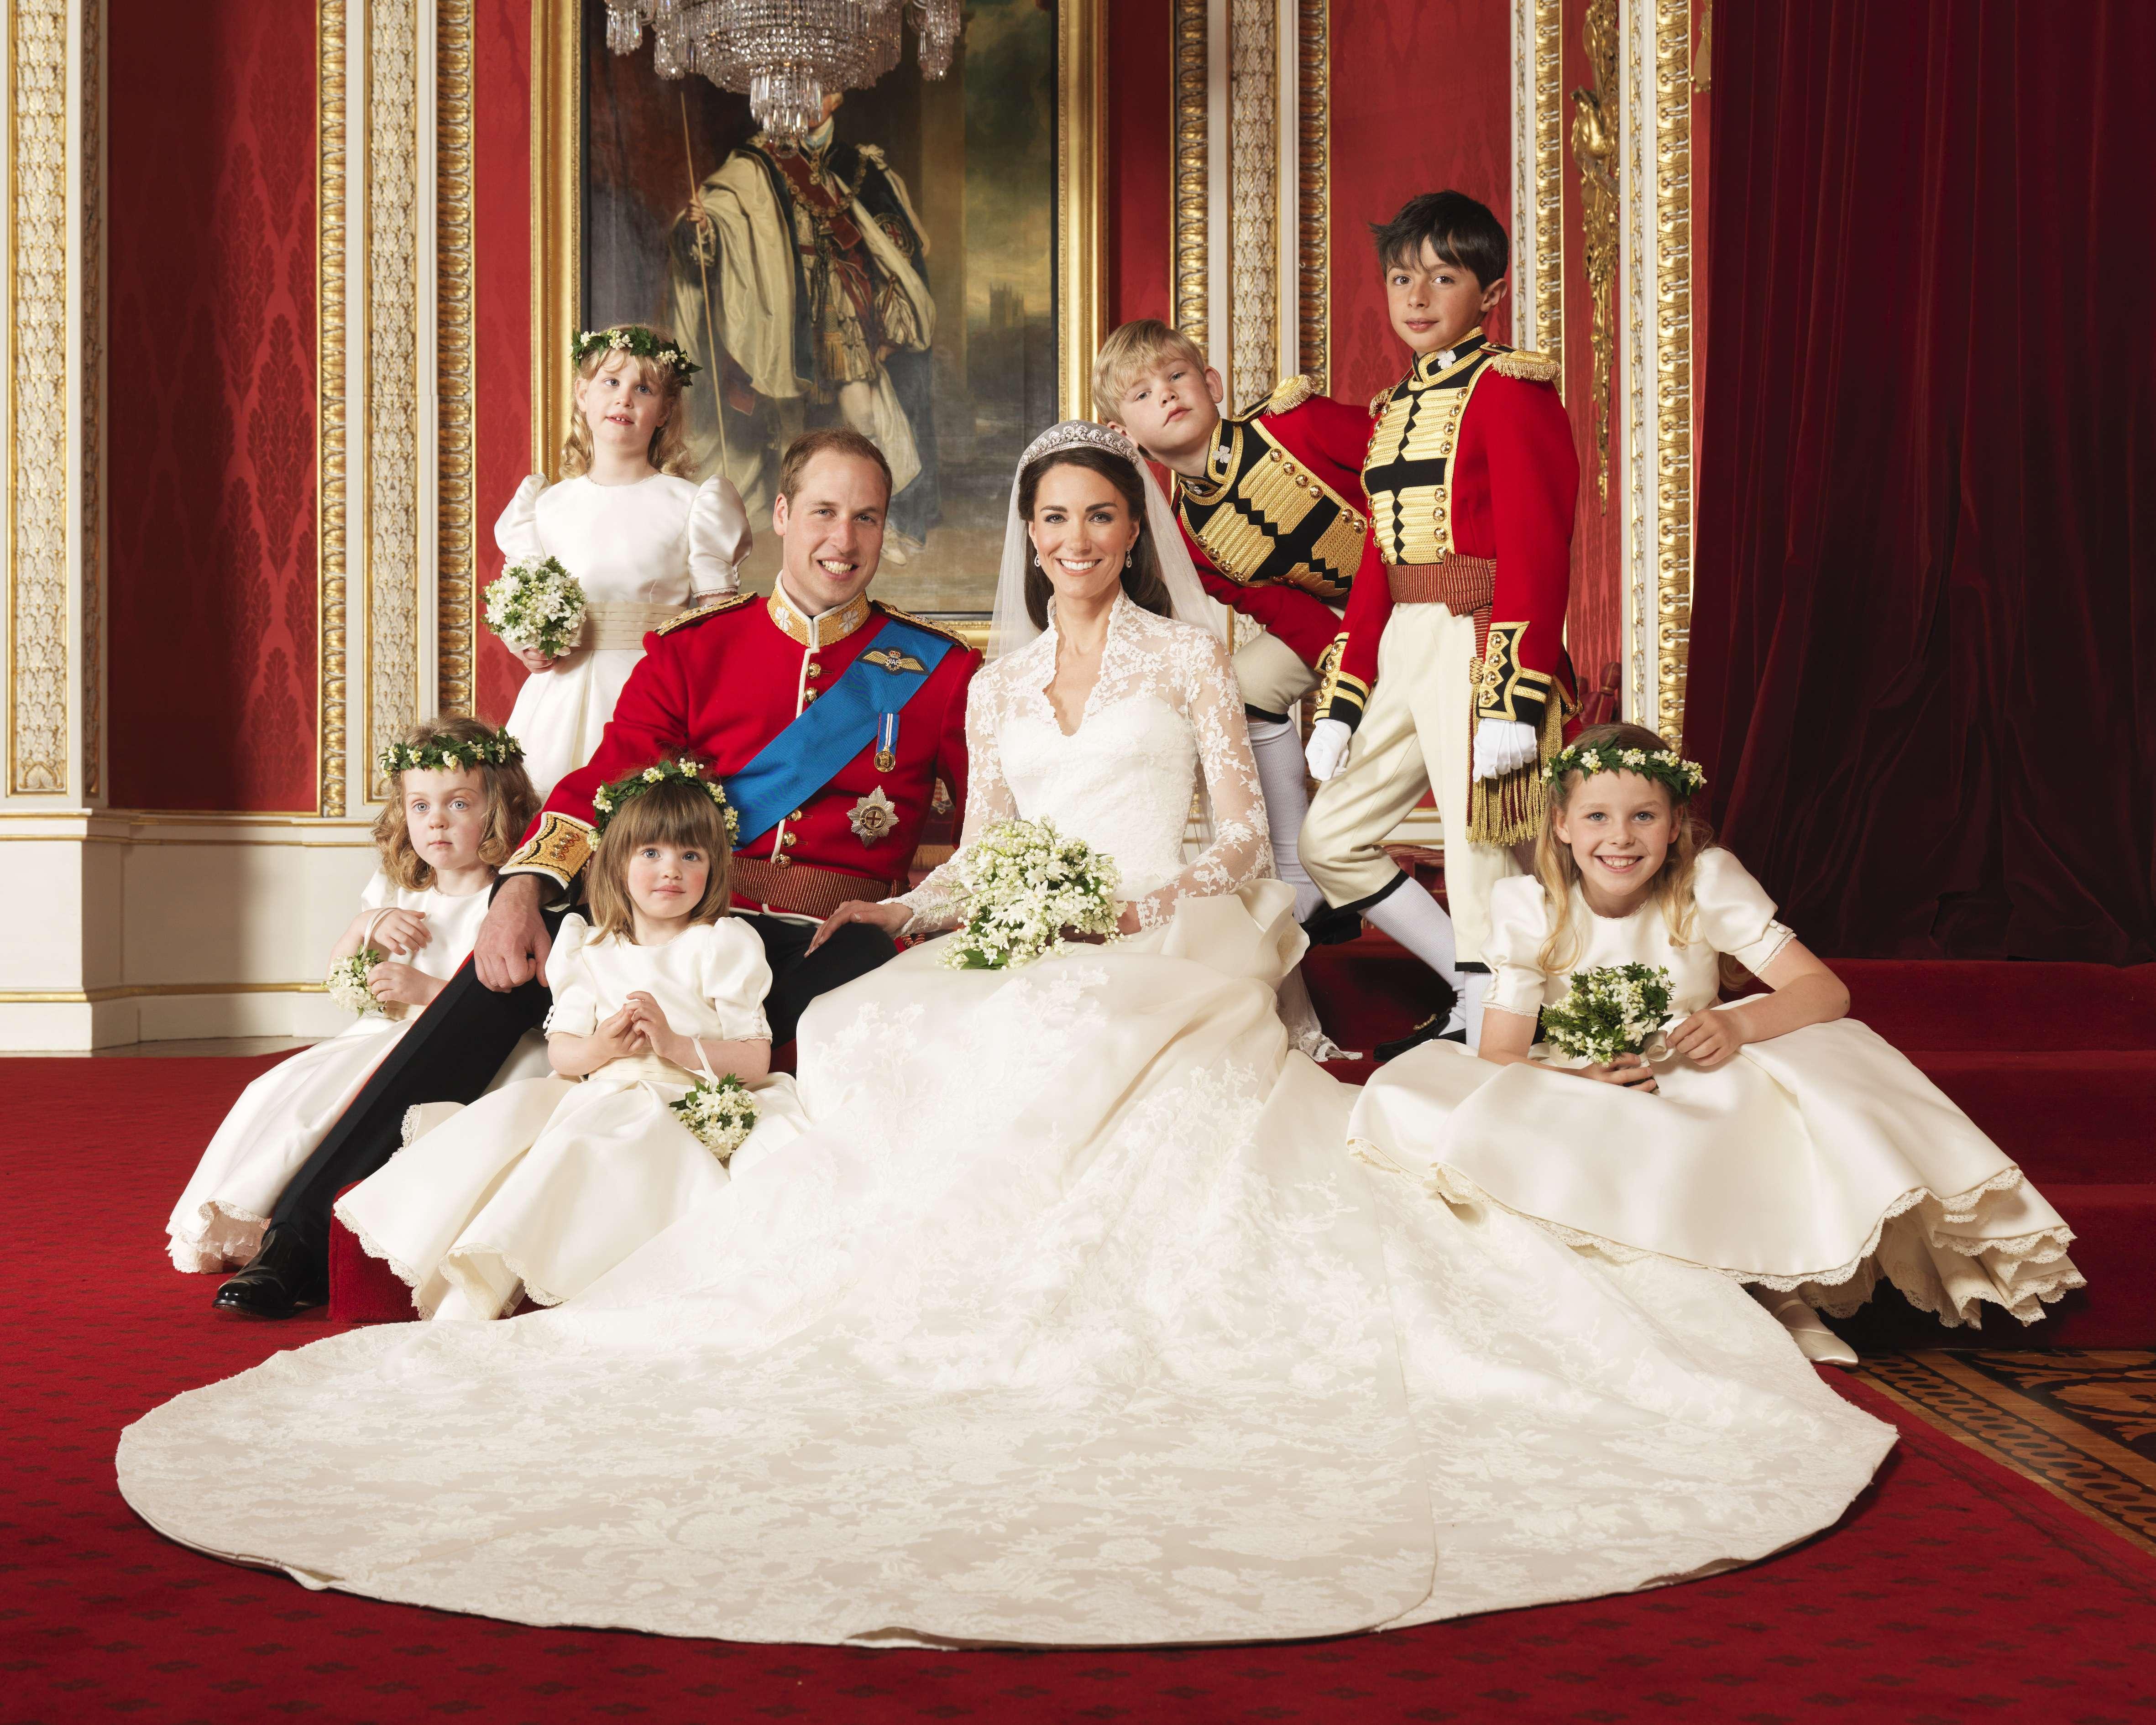 La boda real tuvo 1,900 invitados y fue transmitida por los medios de comunicación con una audiencia de millones de espectadores. (Archivo)